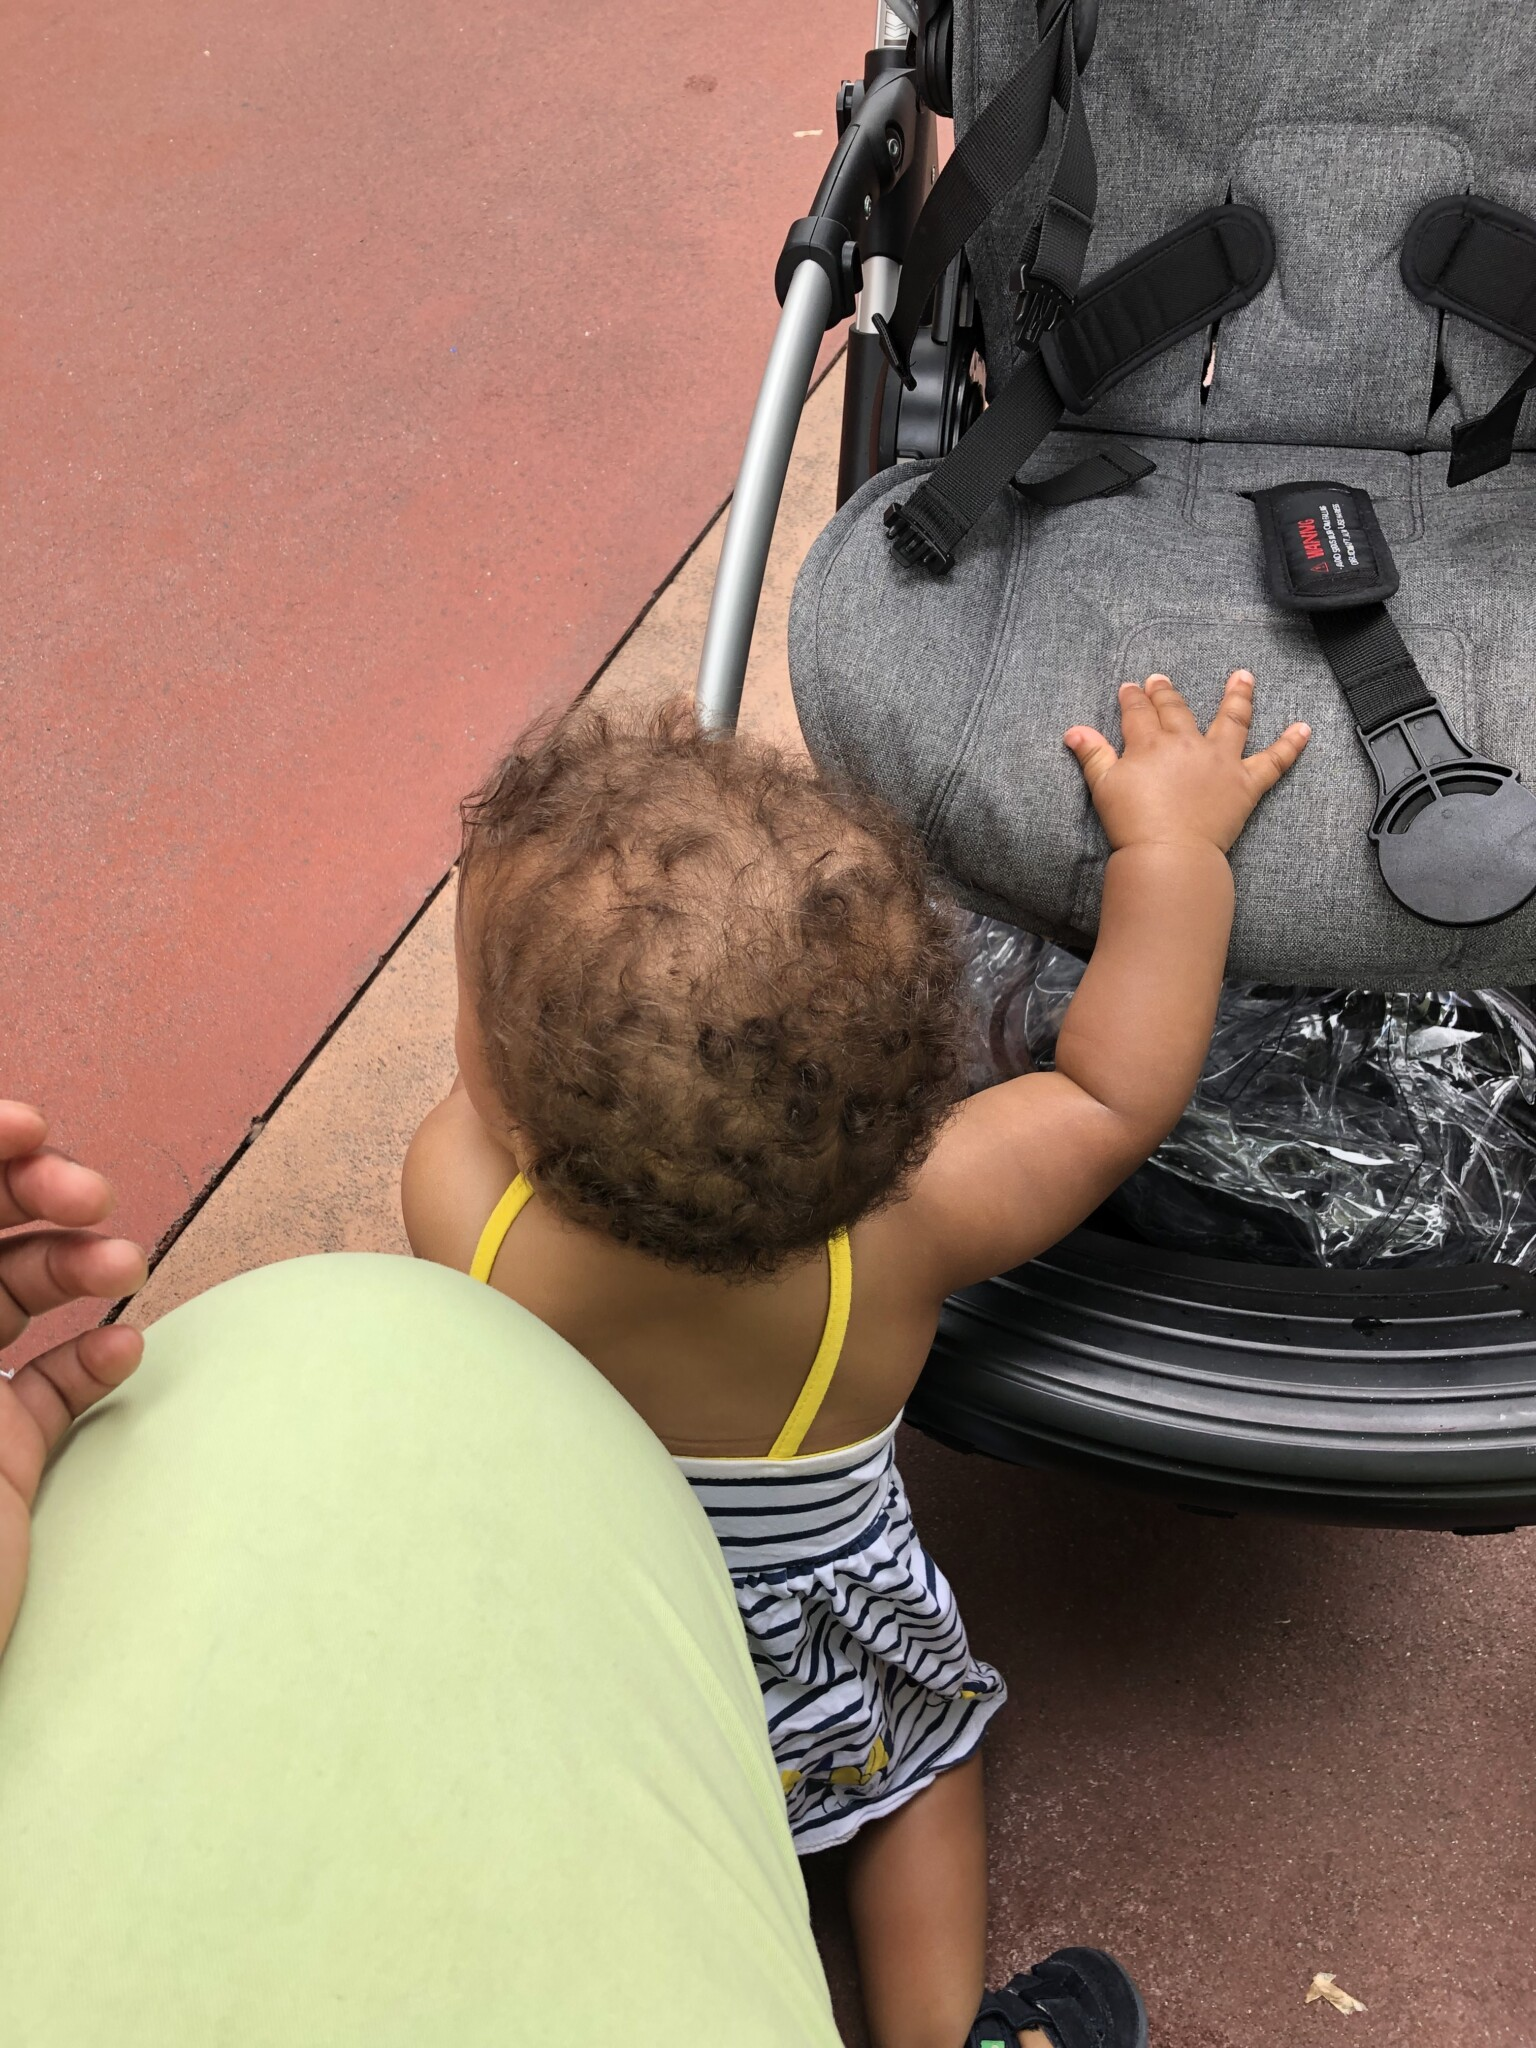 2 semaines en Floride avec un bébé de 1 an - Séjour du 2 au 16 mai 2019 DCL + WDW - Page 16 IMG_1055-1536x2048